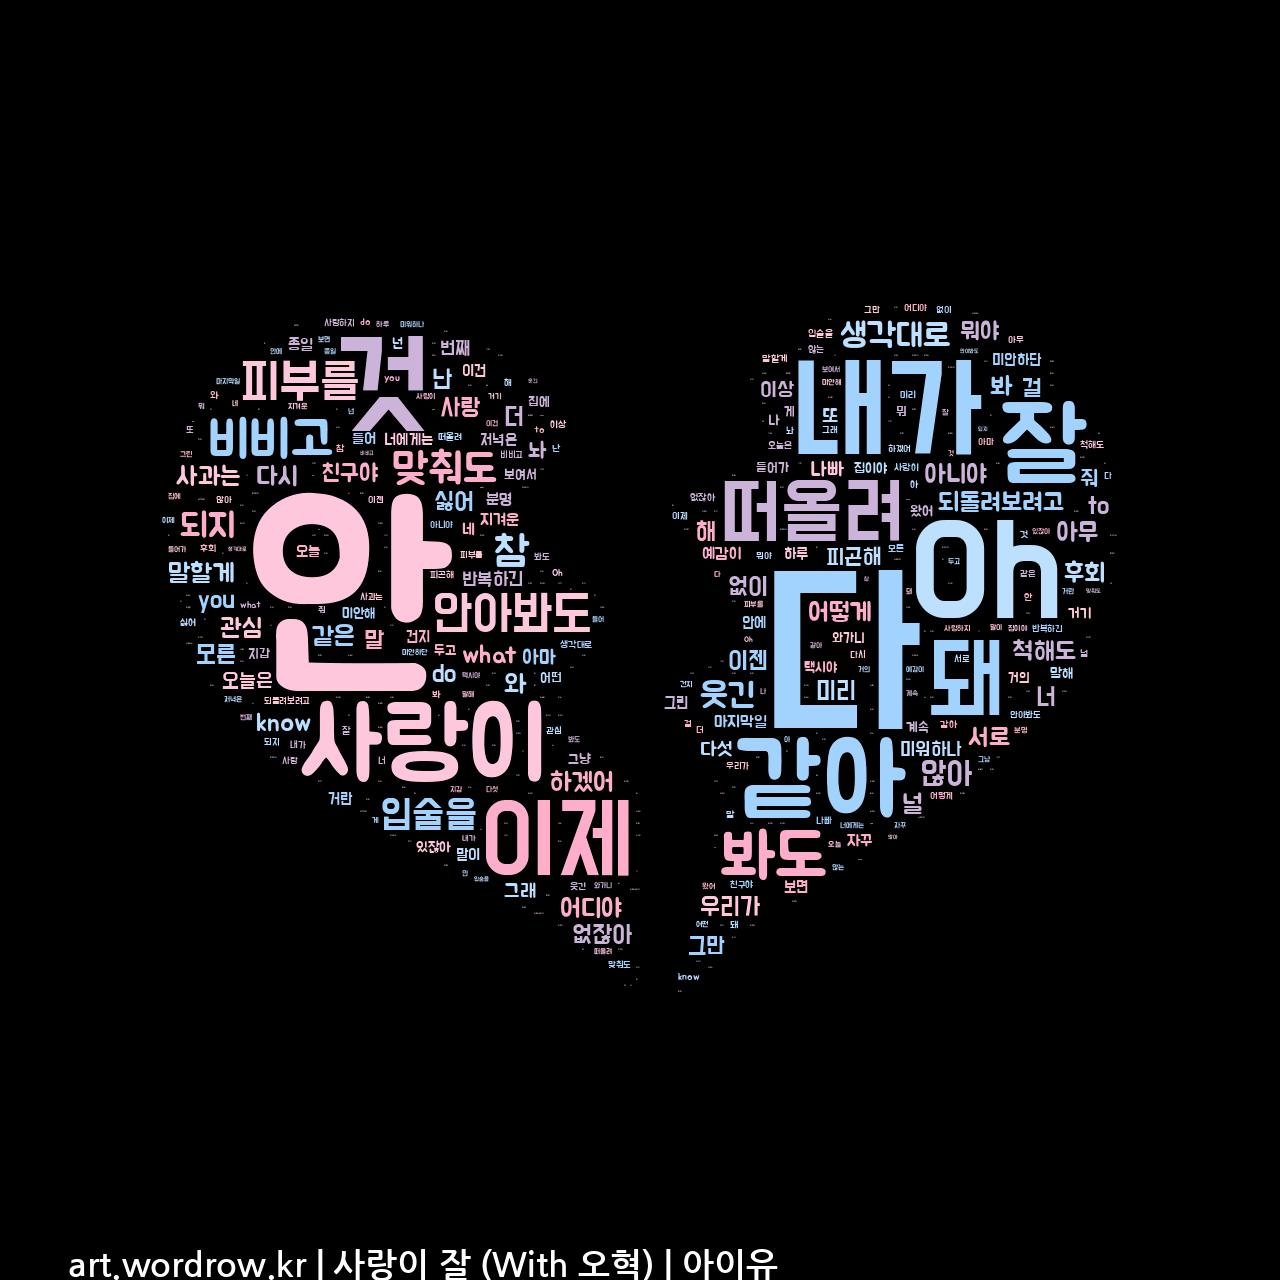 워드 아트: 사랑이 잘 (With 오혁) [아이유]-11